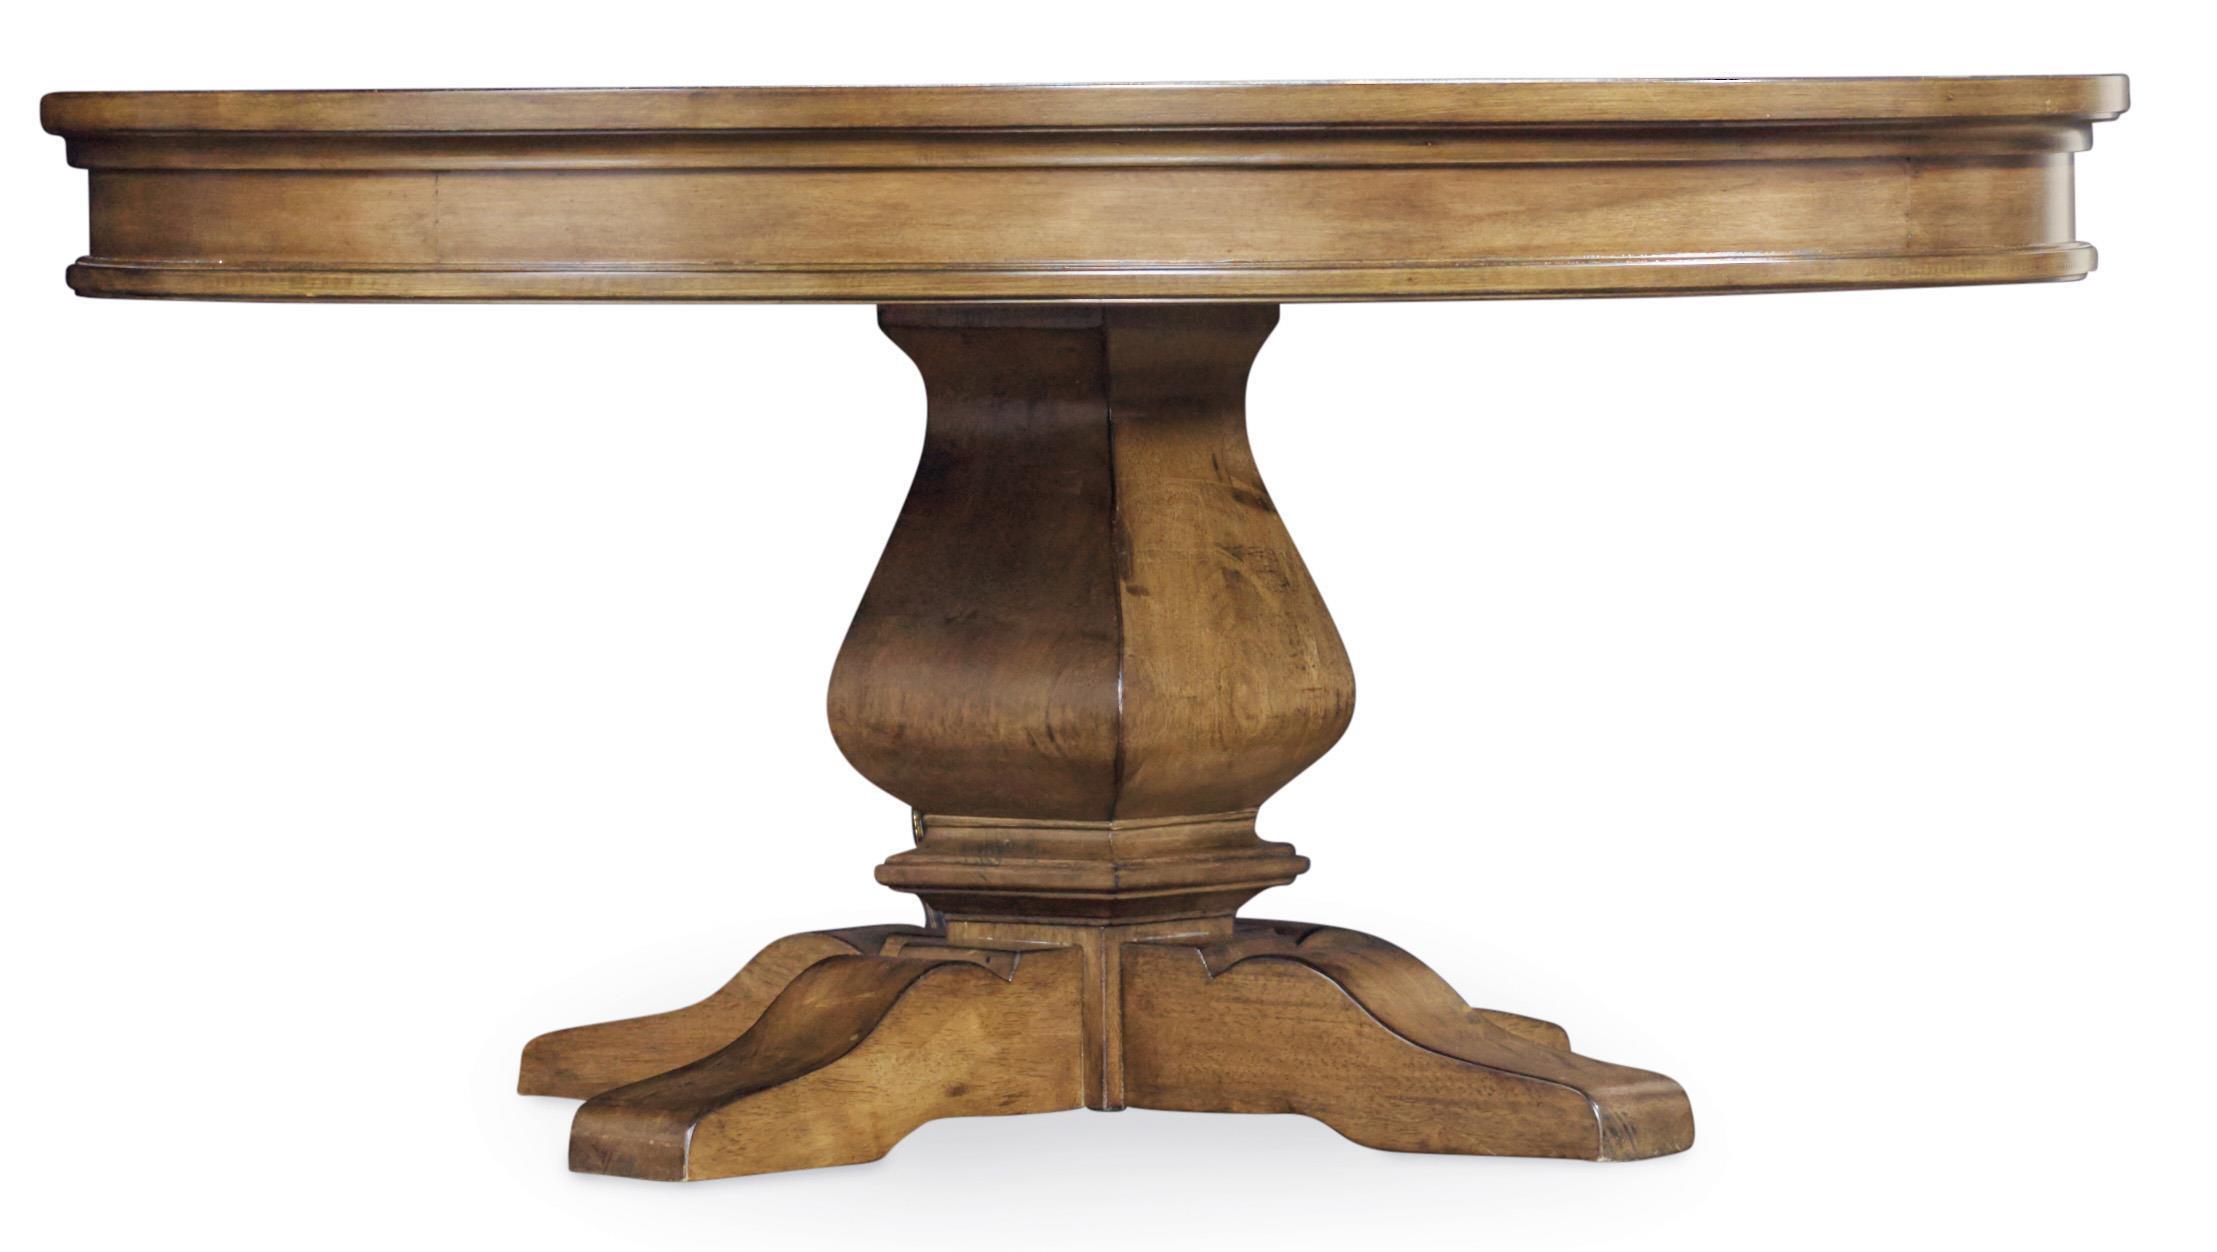 Hooker Furniture Shelbourne Round Cocktail Table - Item Number: 5339-80111